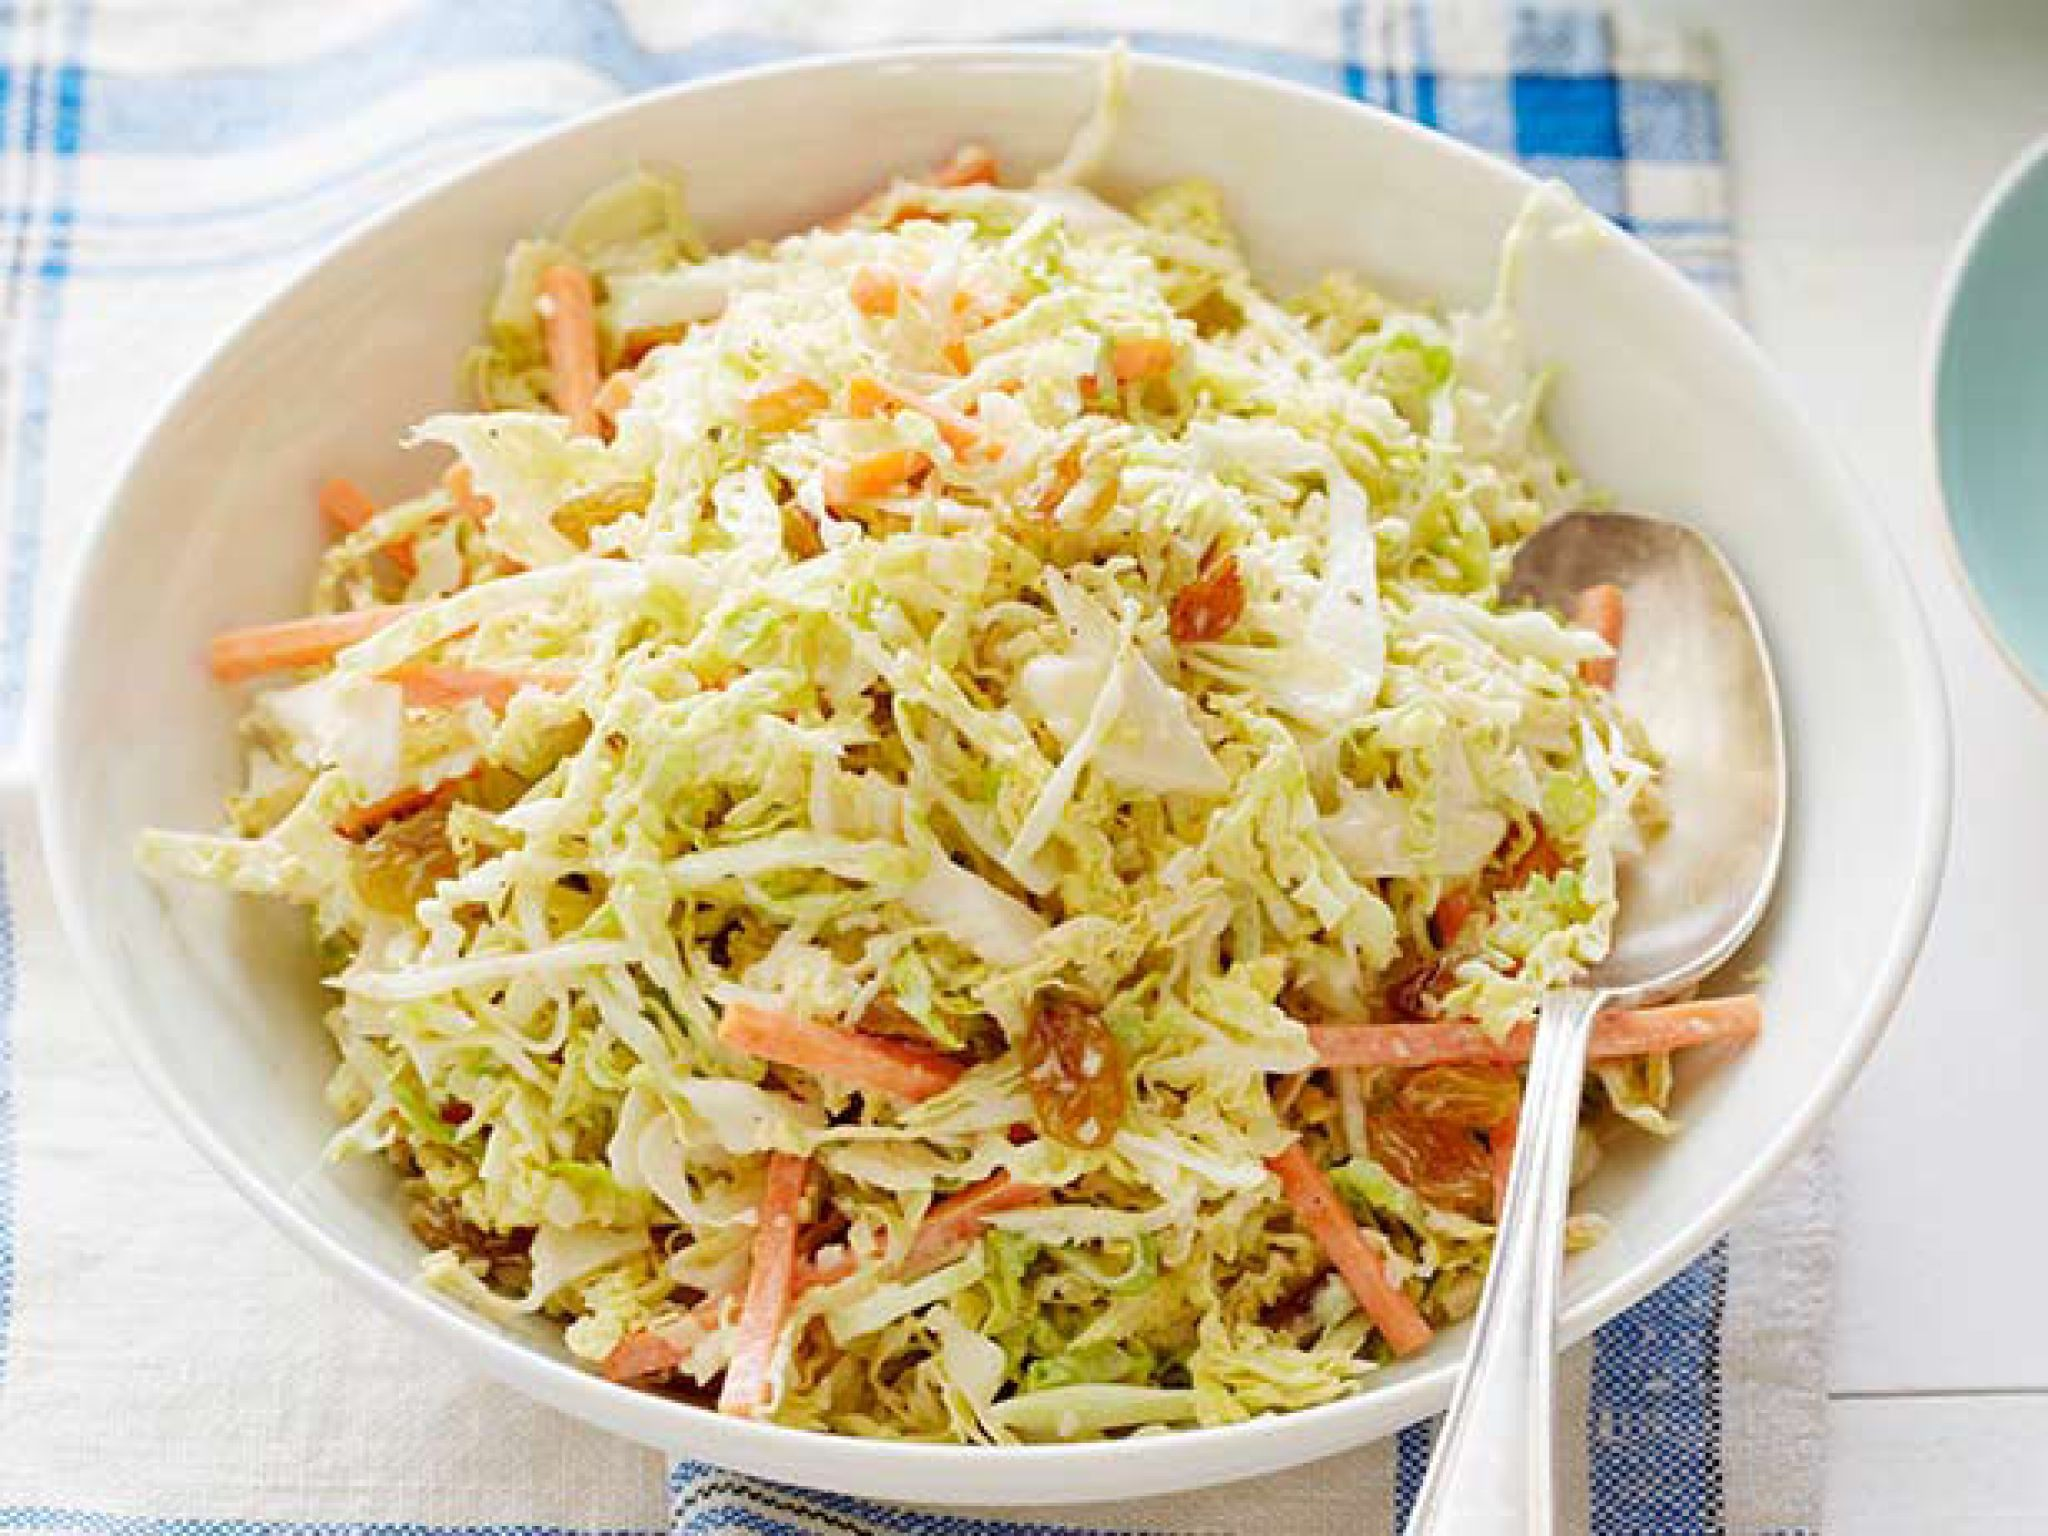 салат из савойской капусты рецепты с фото супругов оловянной